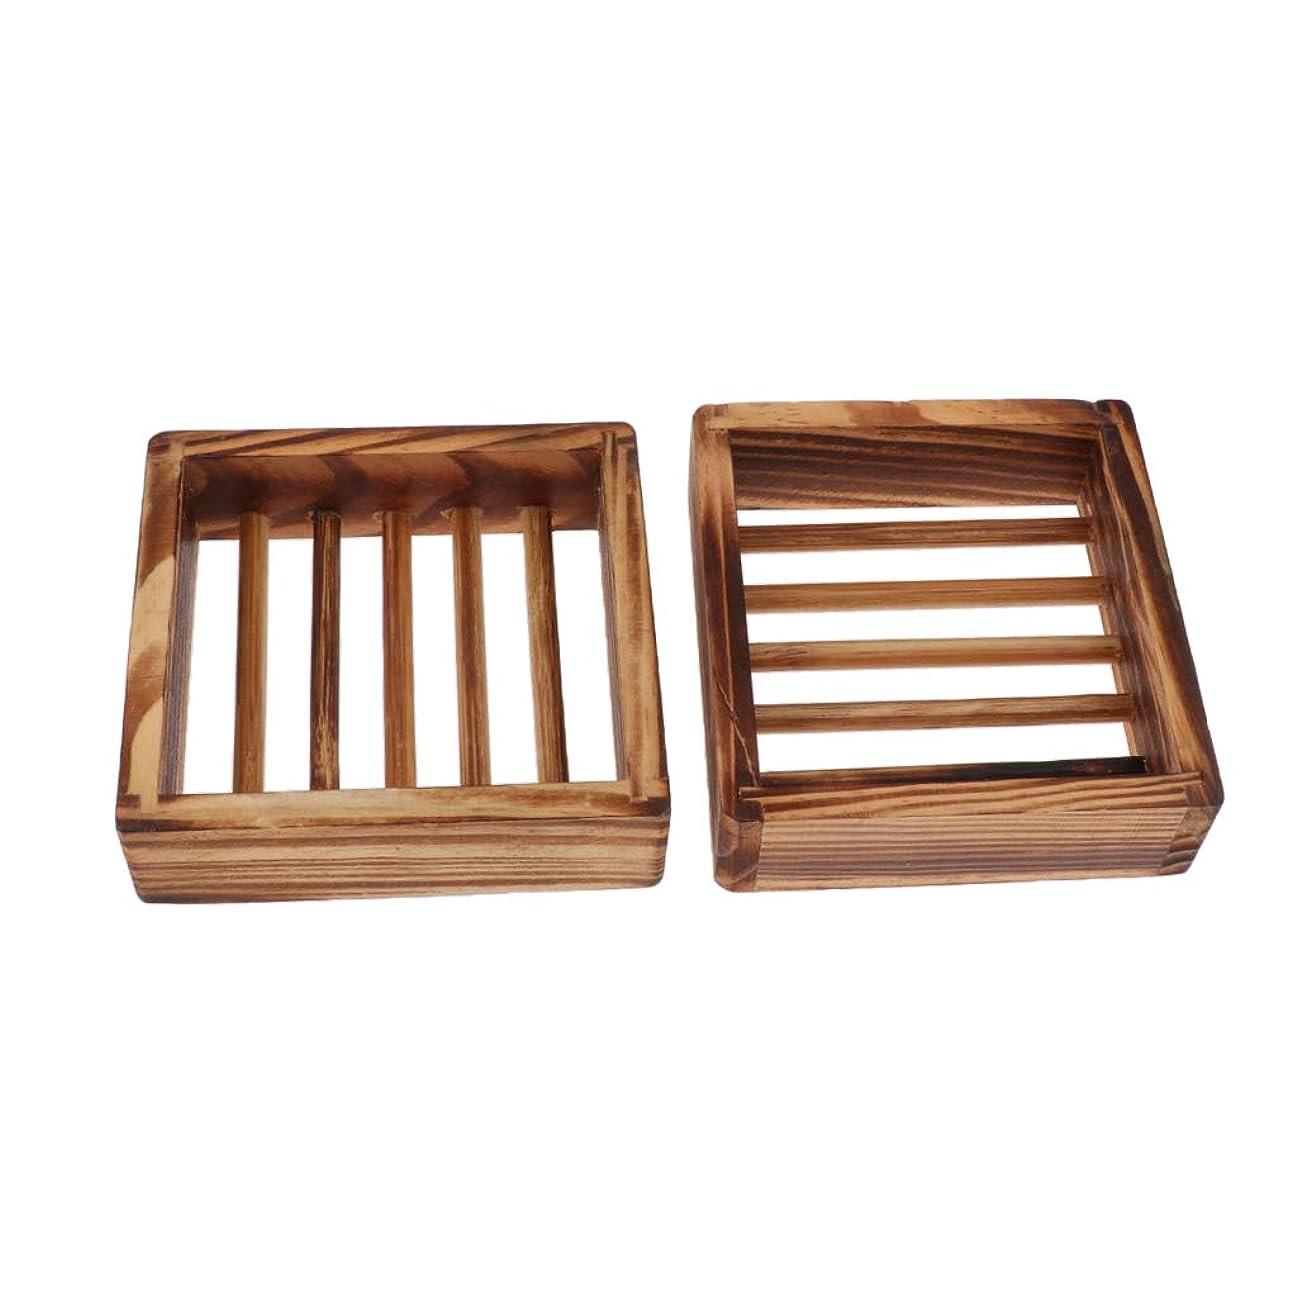 正午キウイ食欲2個 石鹸ホルダー ソープケース ソープディッシュ 木製 水切り お風呂用 バス用品 装飾